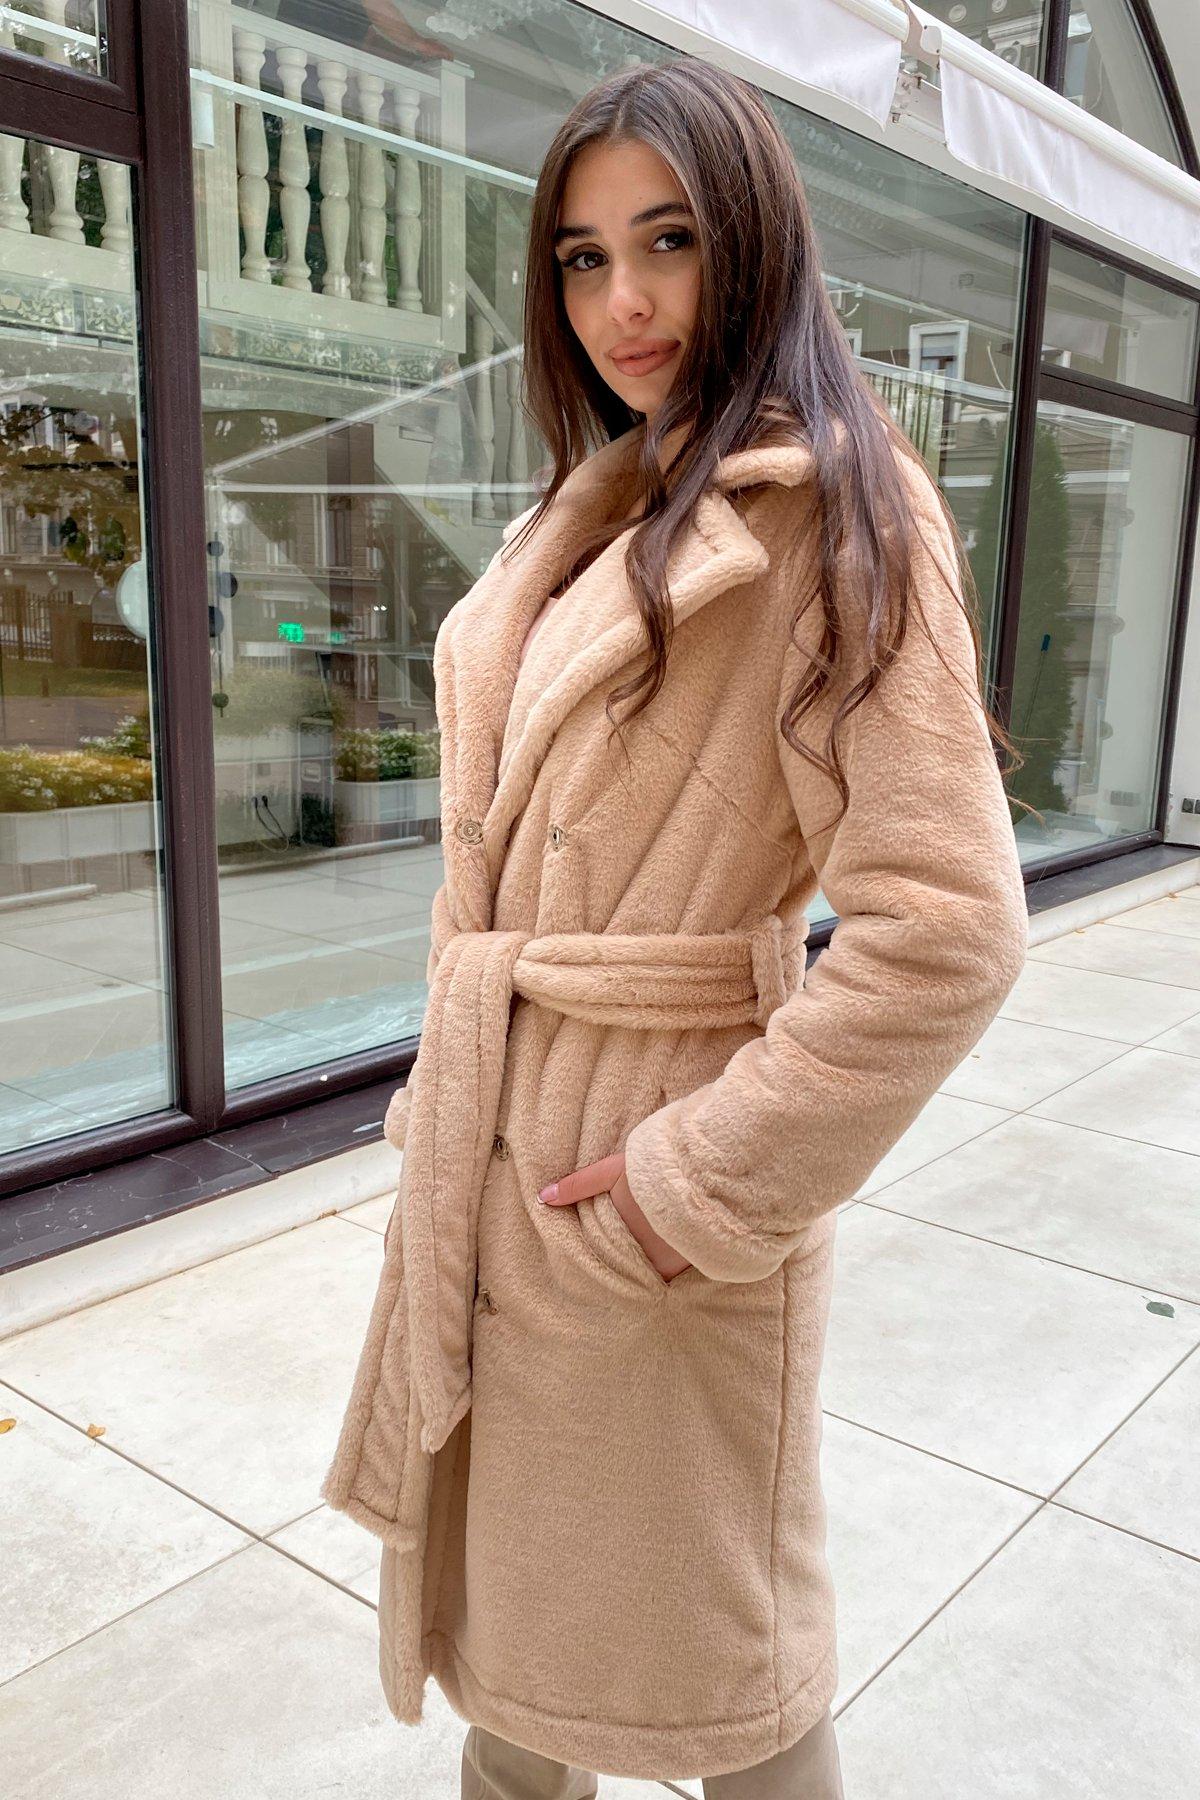 Зимнее пальто из искусственного меха норки Саманта 8641 АРТ. 44956 Цвет: Бежевый - фото 16, интернет магазин tm-modus.ru